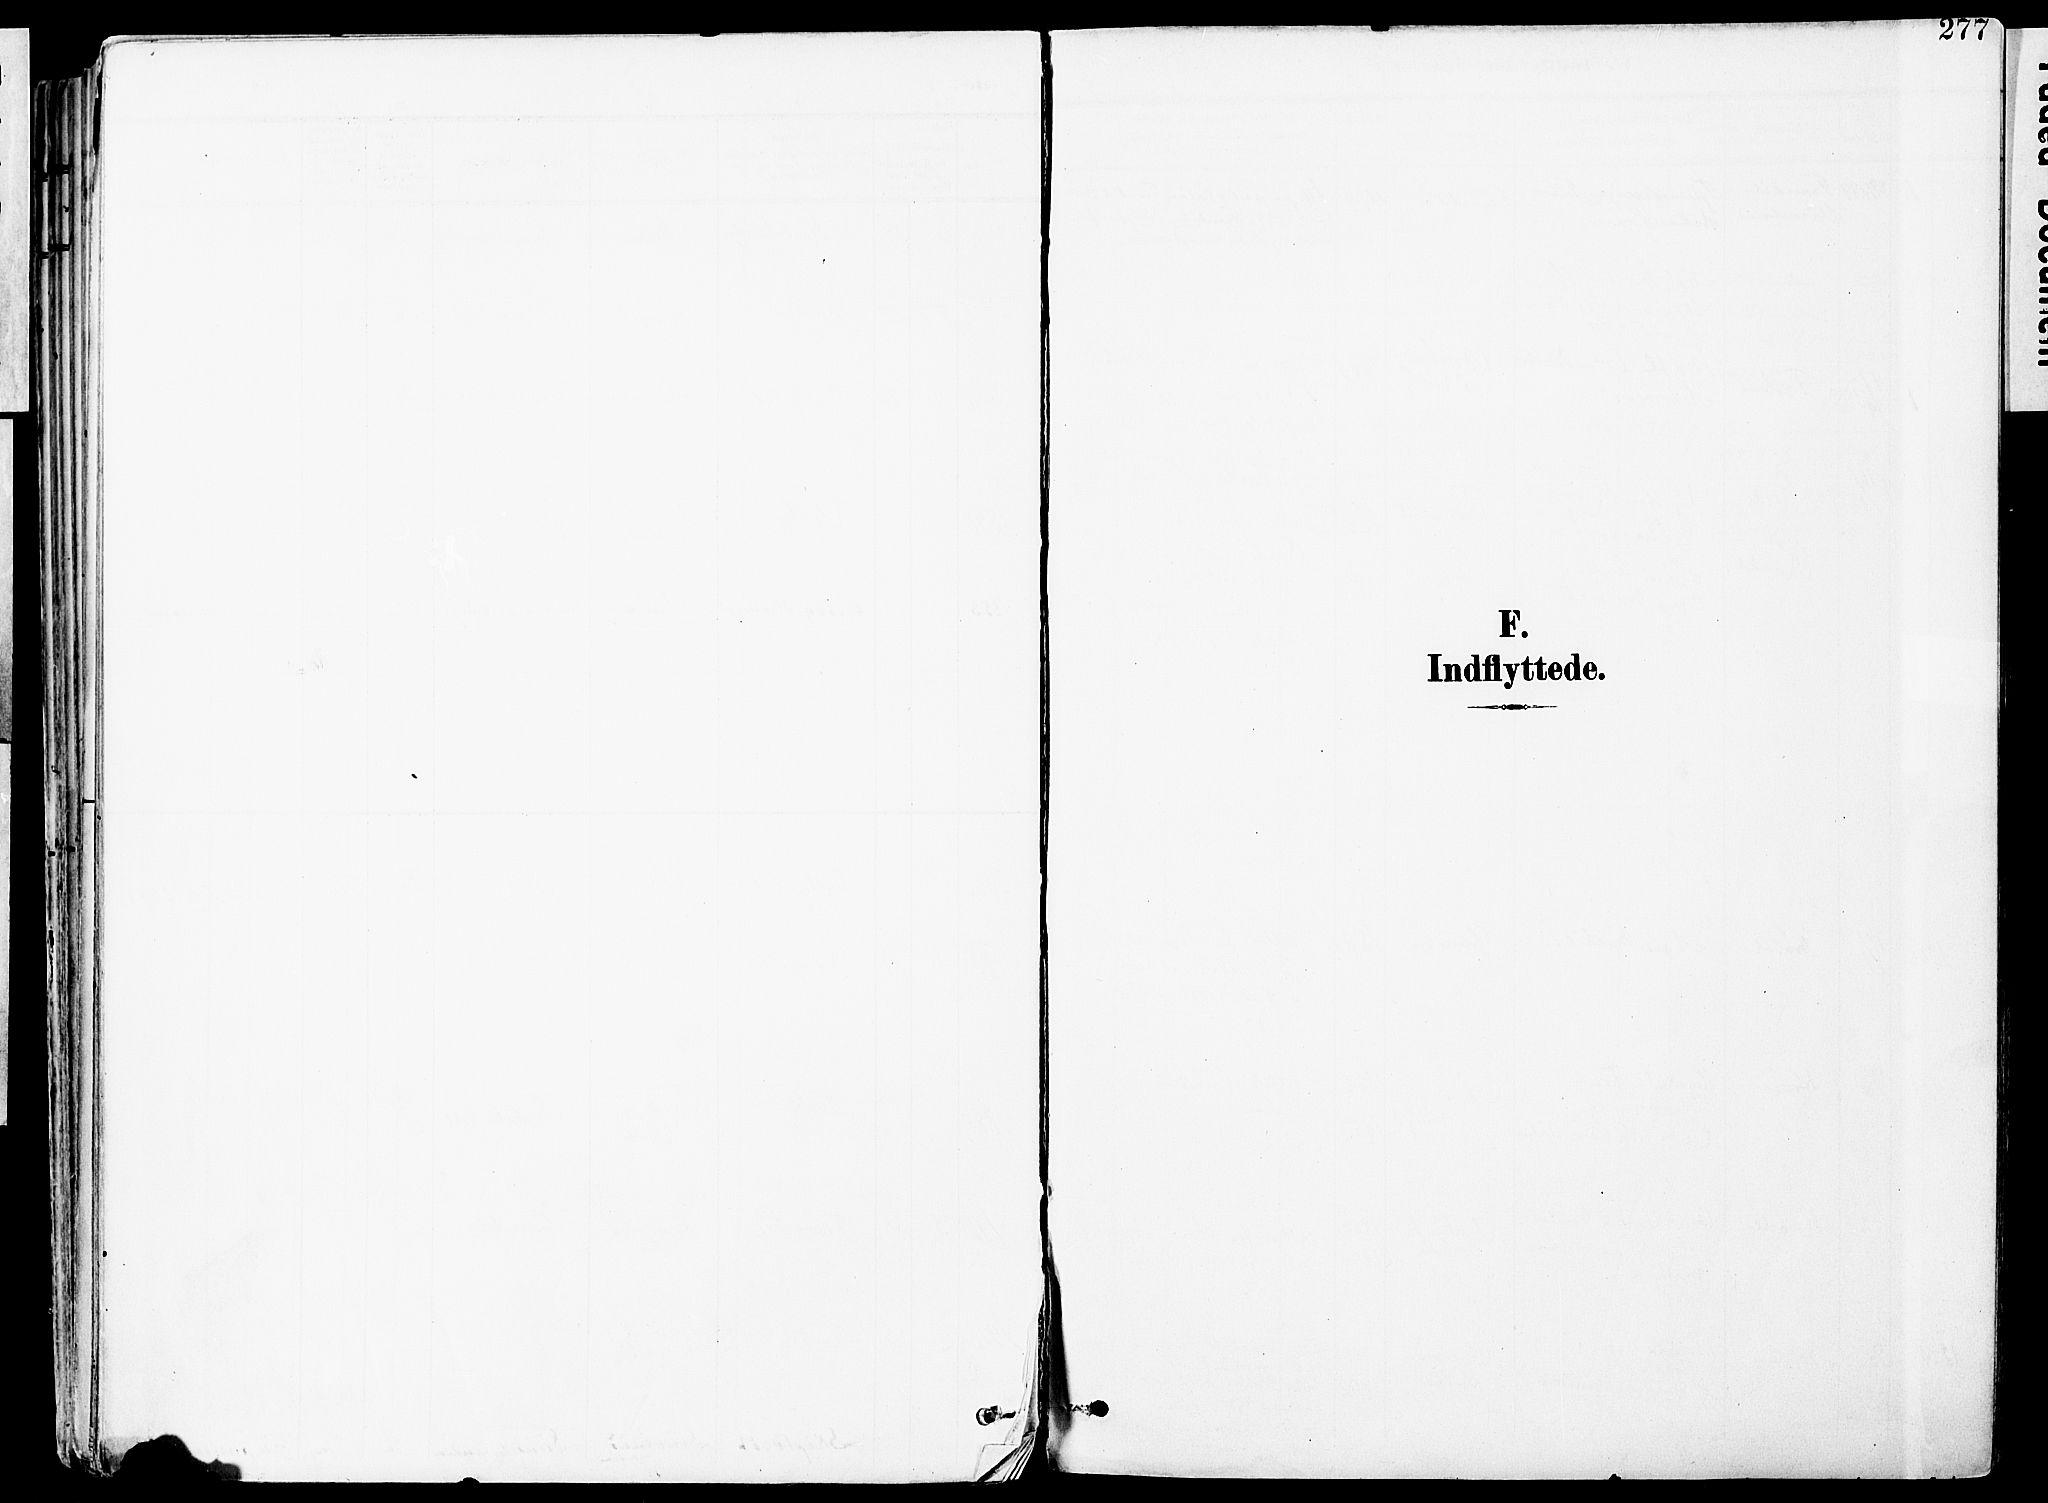 SAO, Vestby prestekontor Kirkebøker, F/Fa/L0010: Ministerialbok nr. I 10, 1900-1926, s. 277